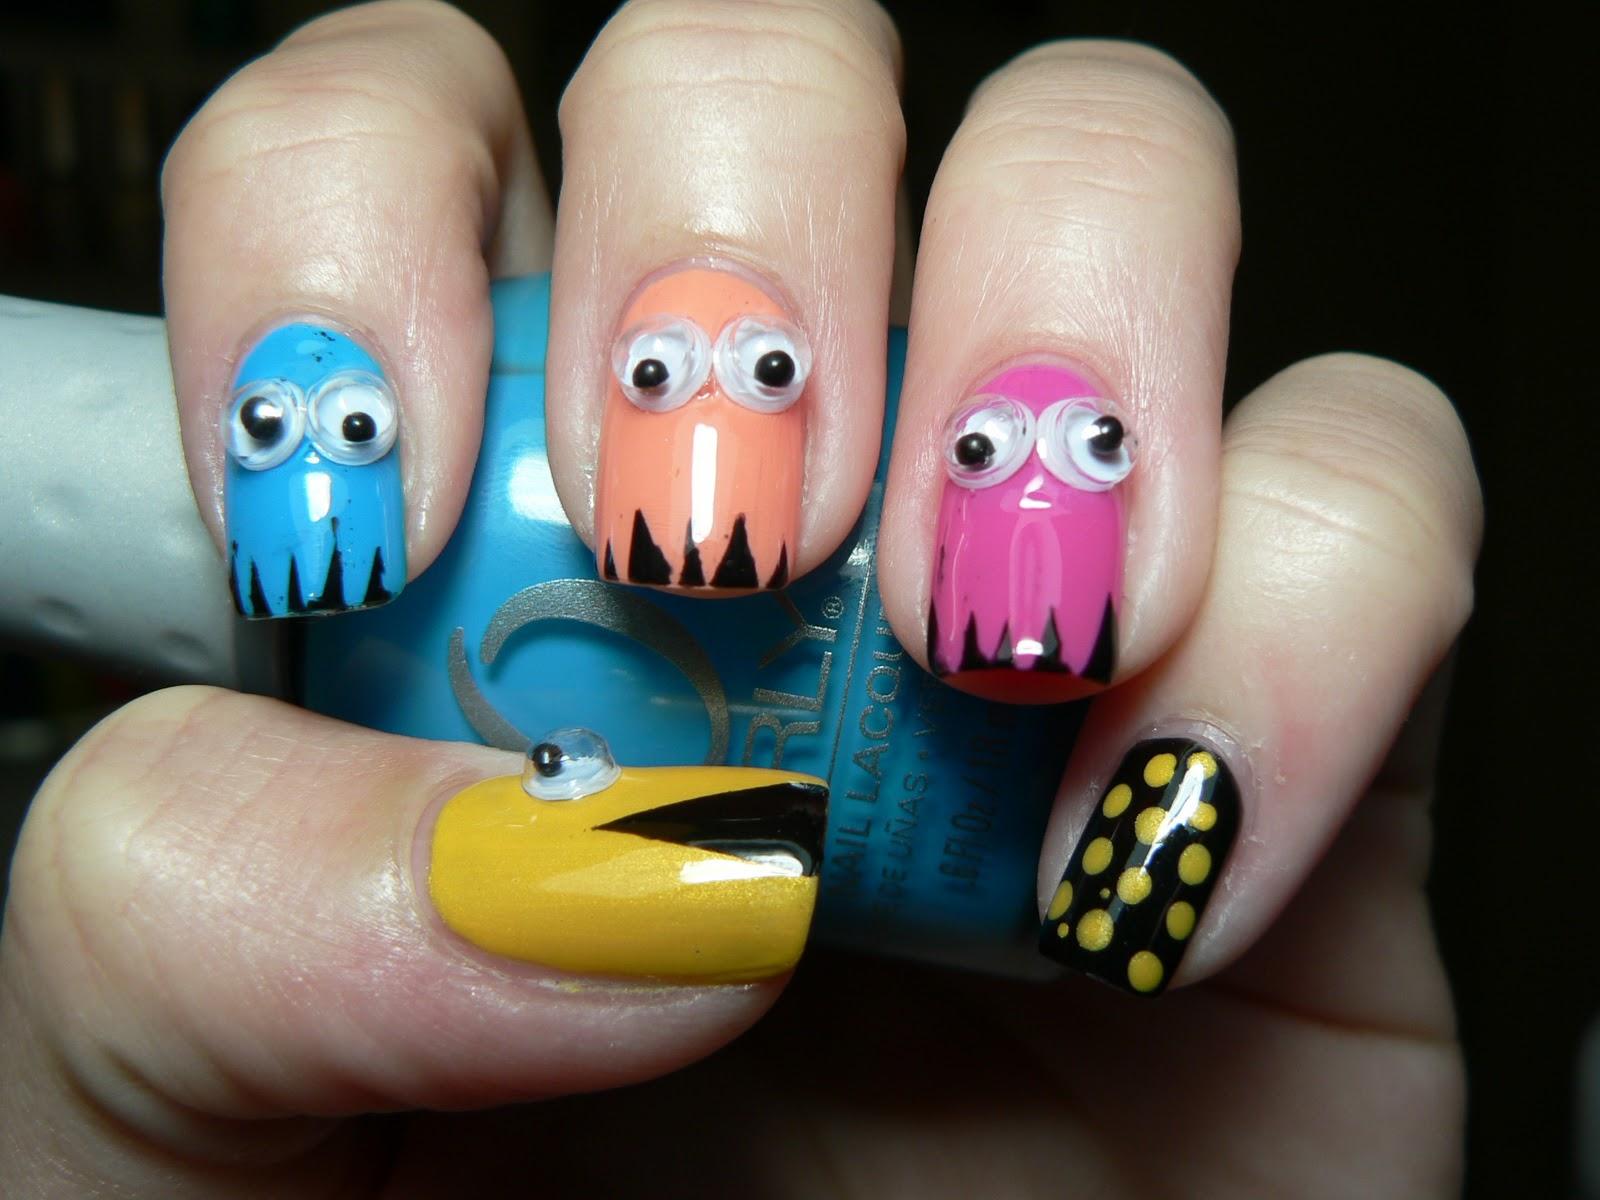 motiv på naglar